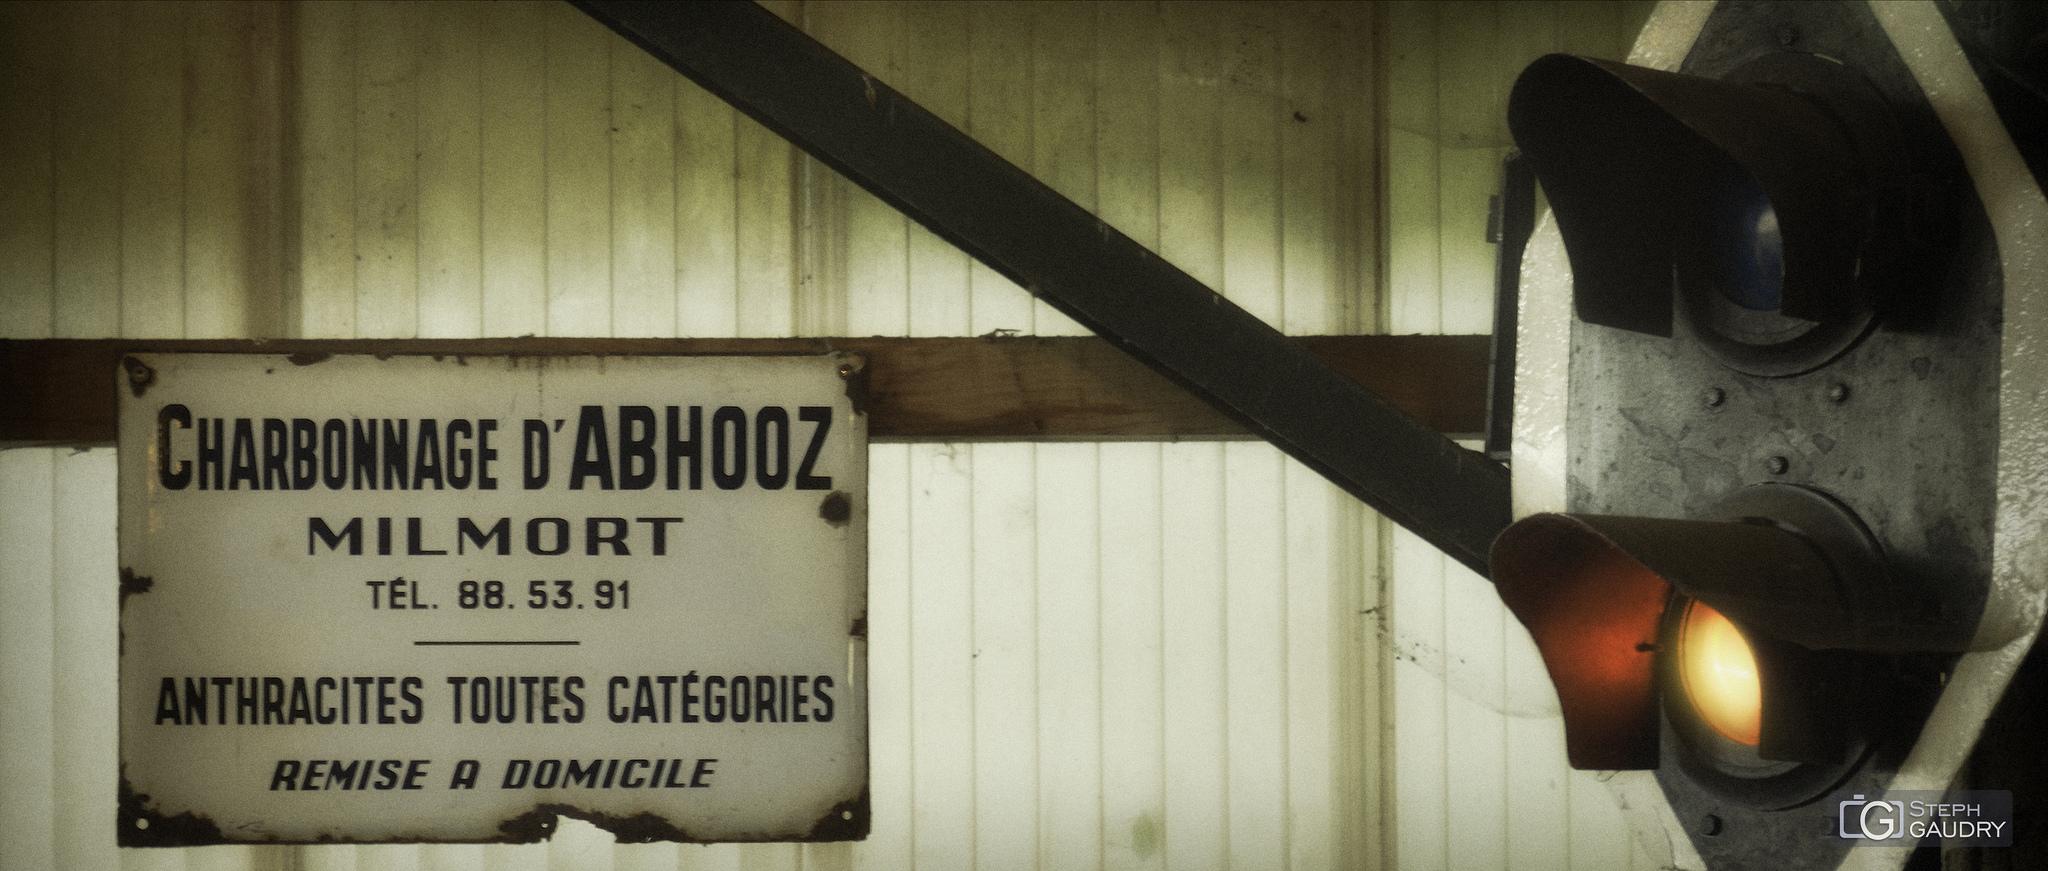 Charbonnage d'Abhooz - Milmort [Cliquez pour lancer le diaporama]